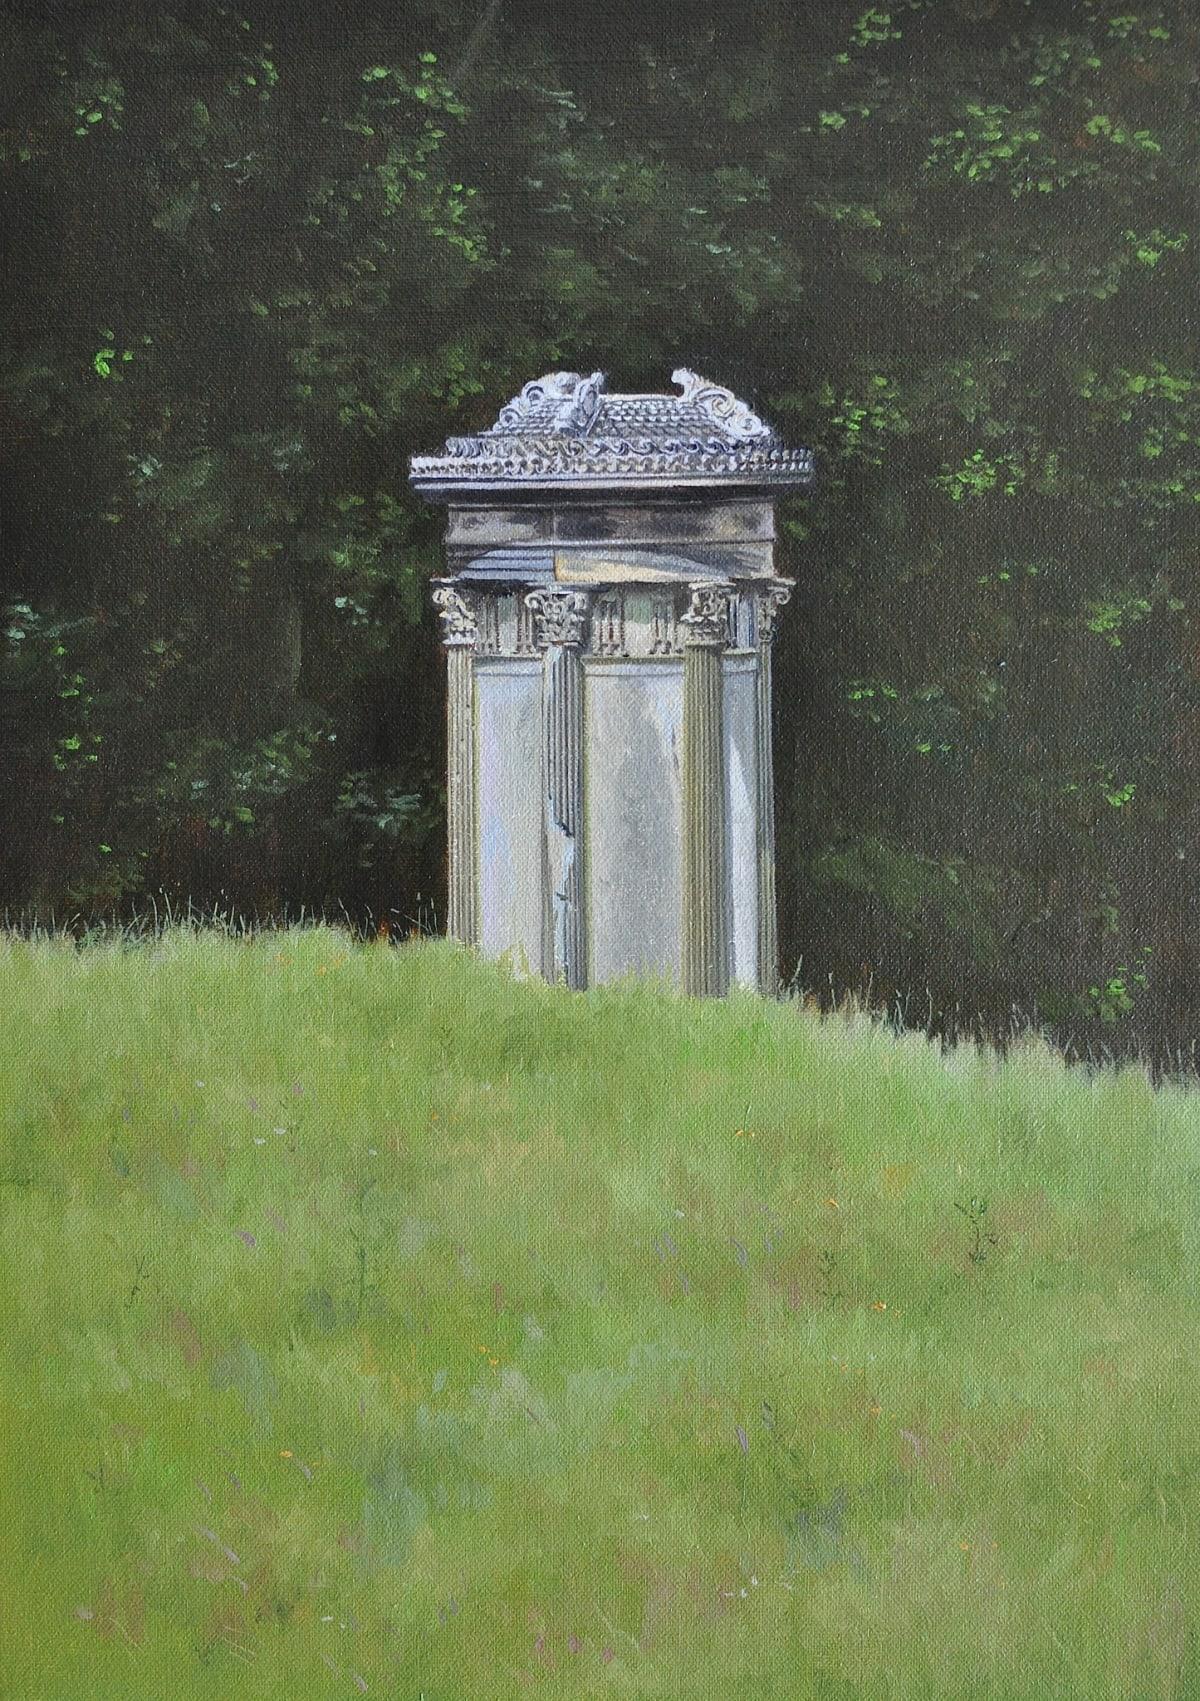 Carl Laubin The Choregic Monument, Shugborough Oil on canvas 36 x 25 cm